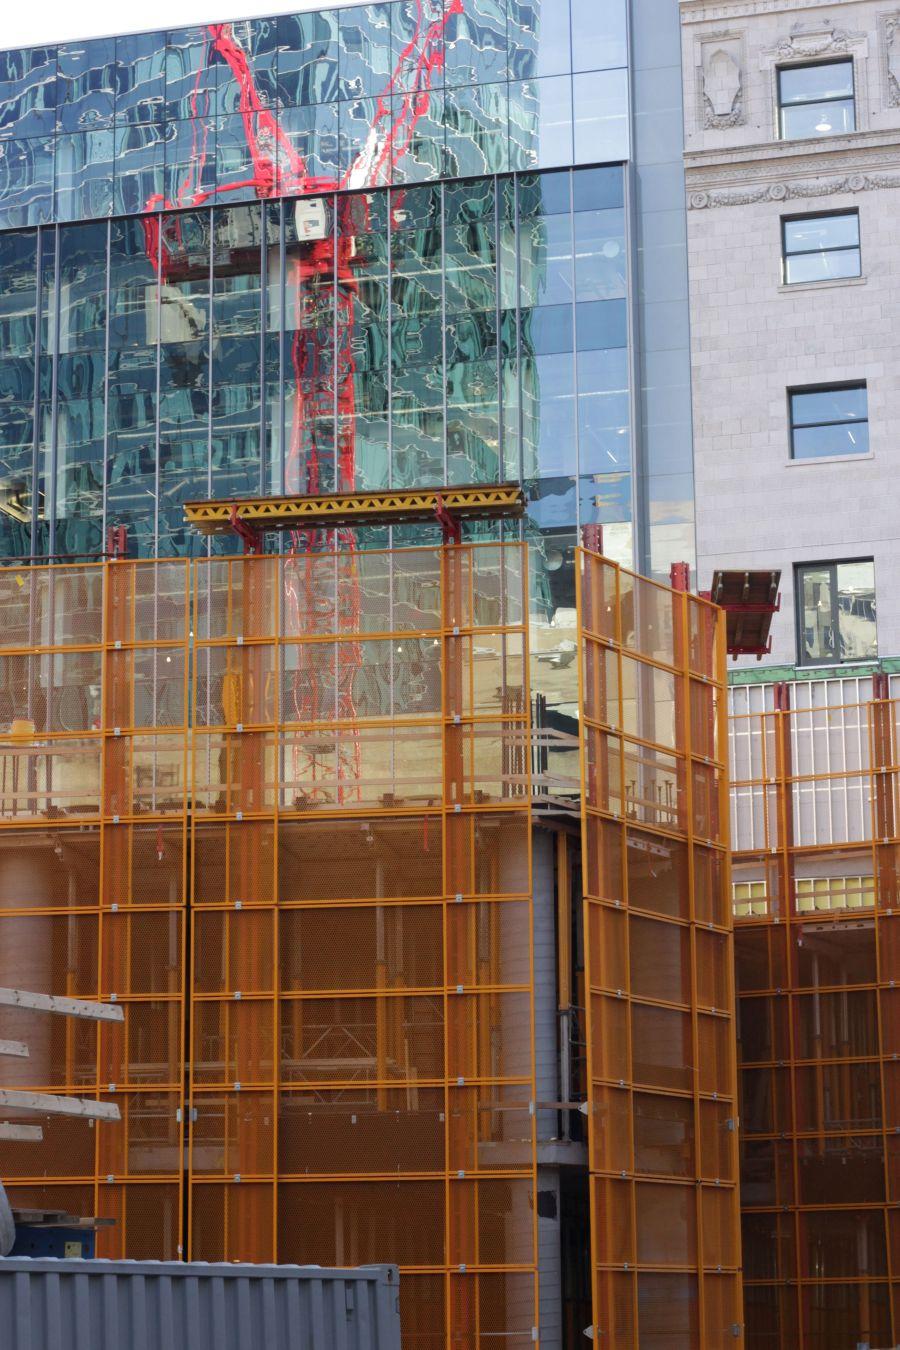 boston-millenium-tower-august-29-2014